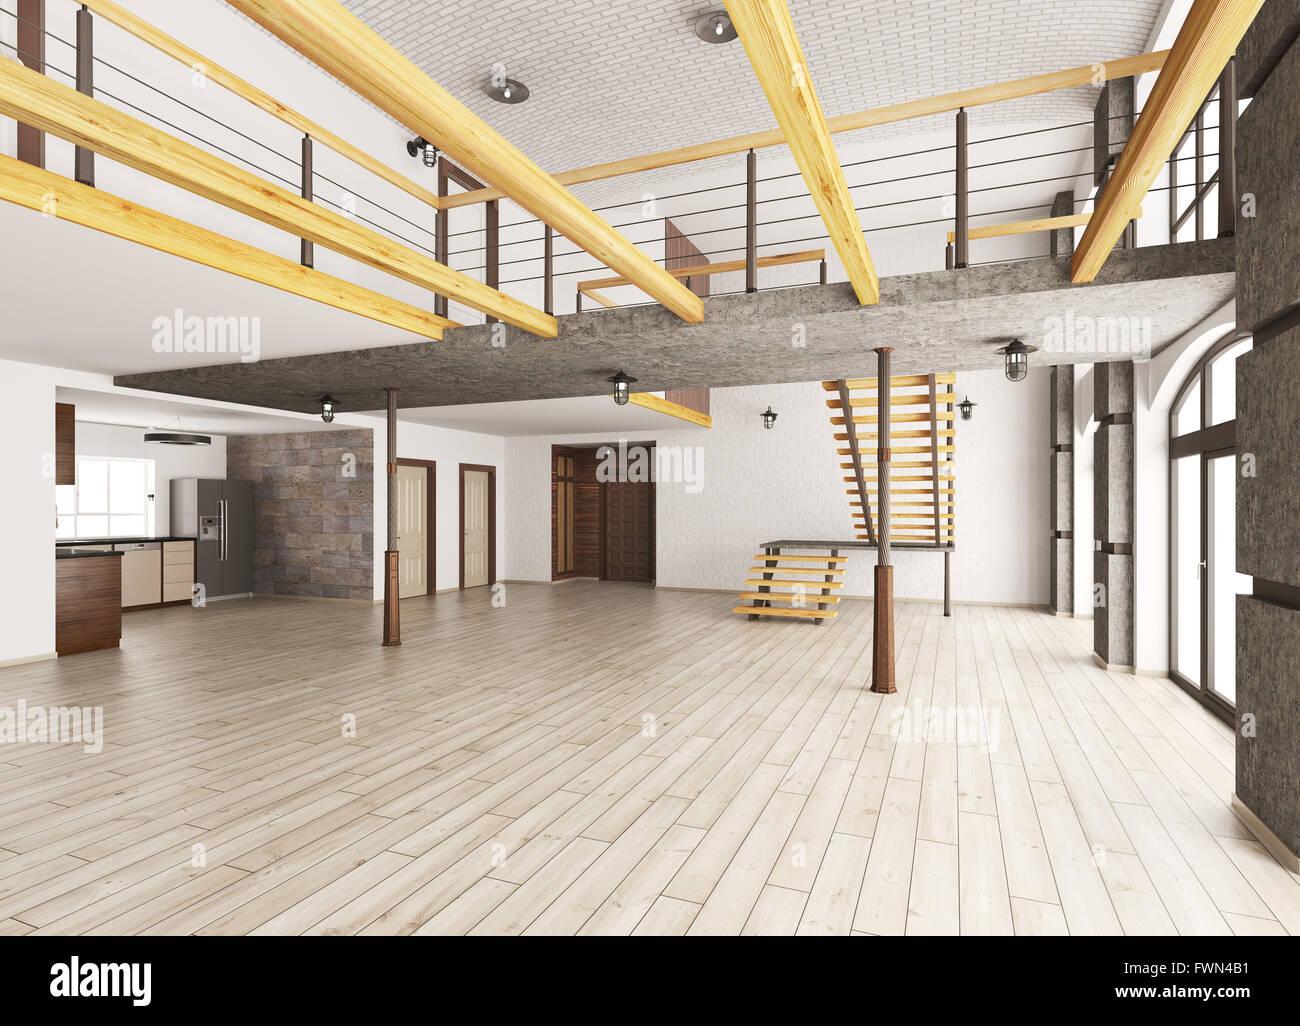 Wunderbar Leere Innenraum Des Loft Wohnung Wohnzimmer Wohnzimmer Flur Küche Treppe,  3D Rendering